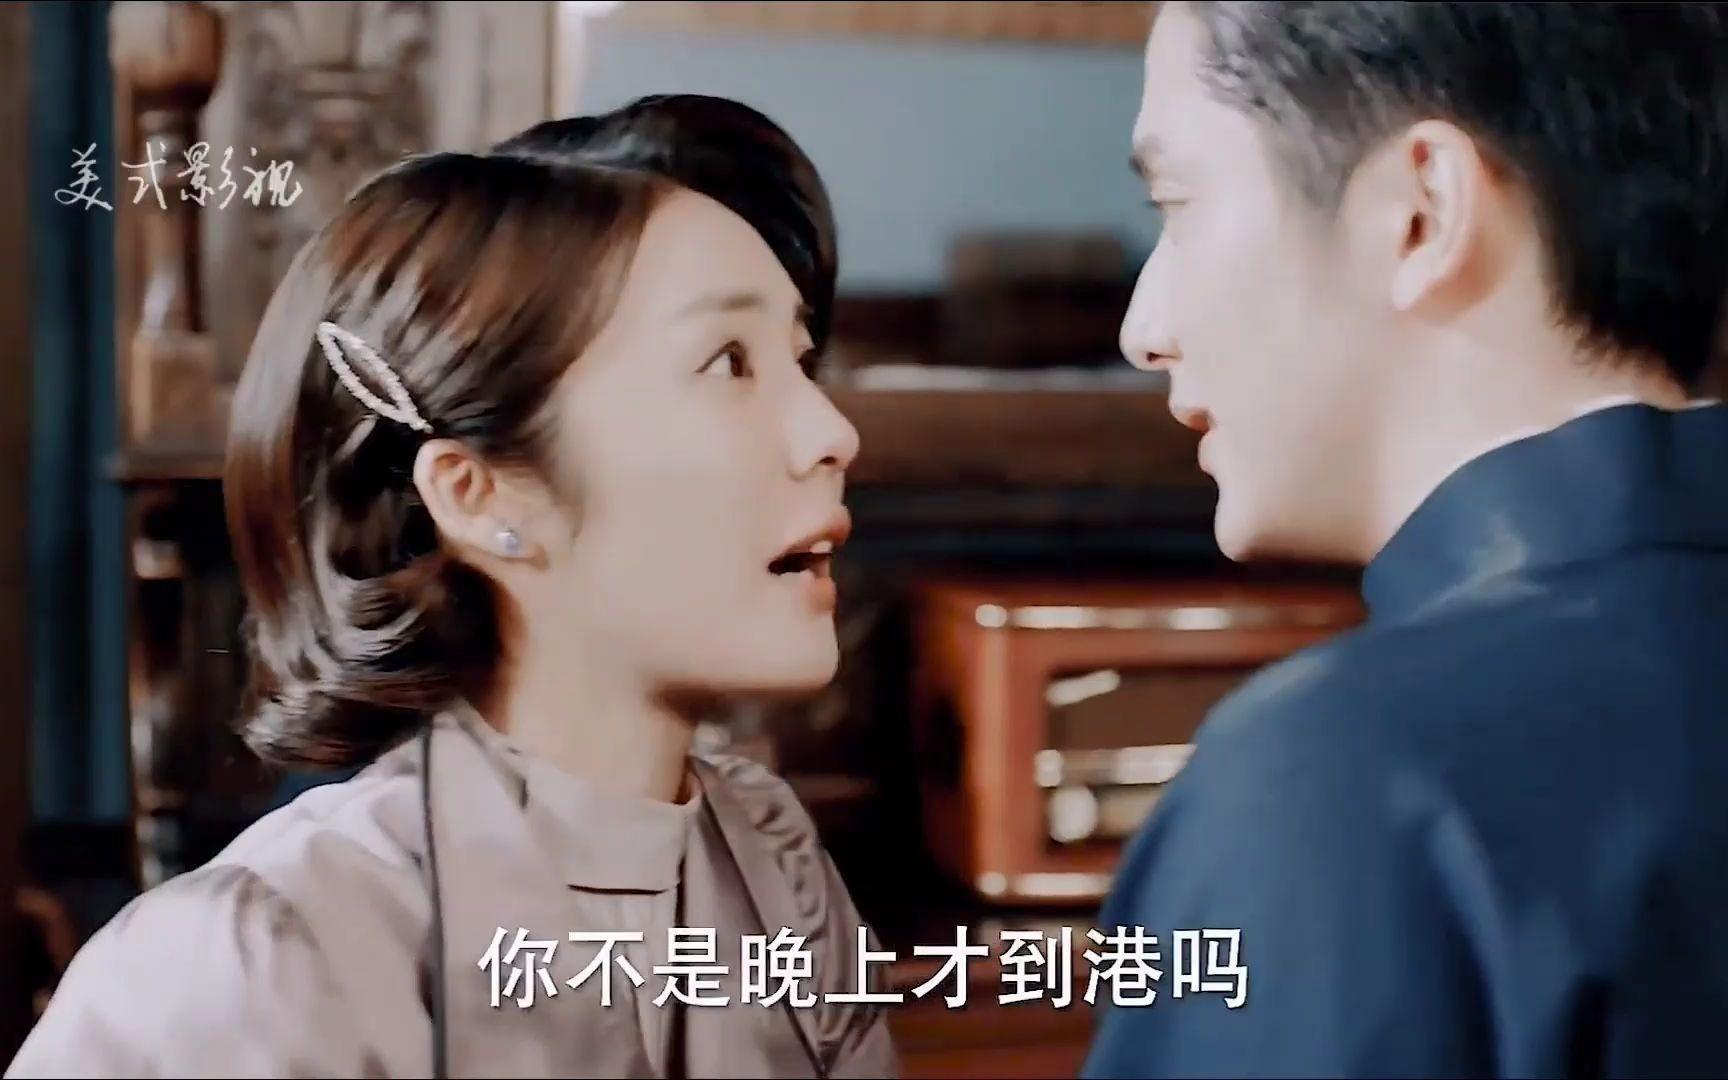 【光芒】自从程亦治从香港回来,甜蜜加倍啊!亦治还特别会恋爱之道啊……不简单啊!办公室恋情哈哈哈